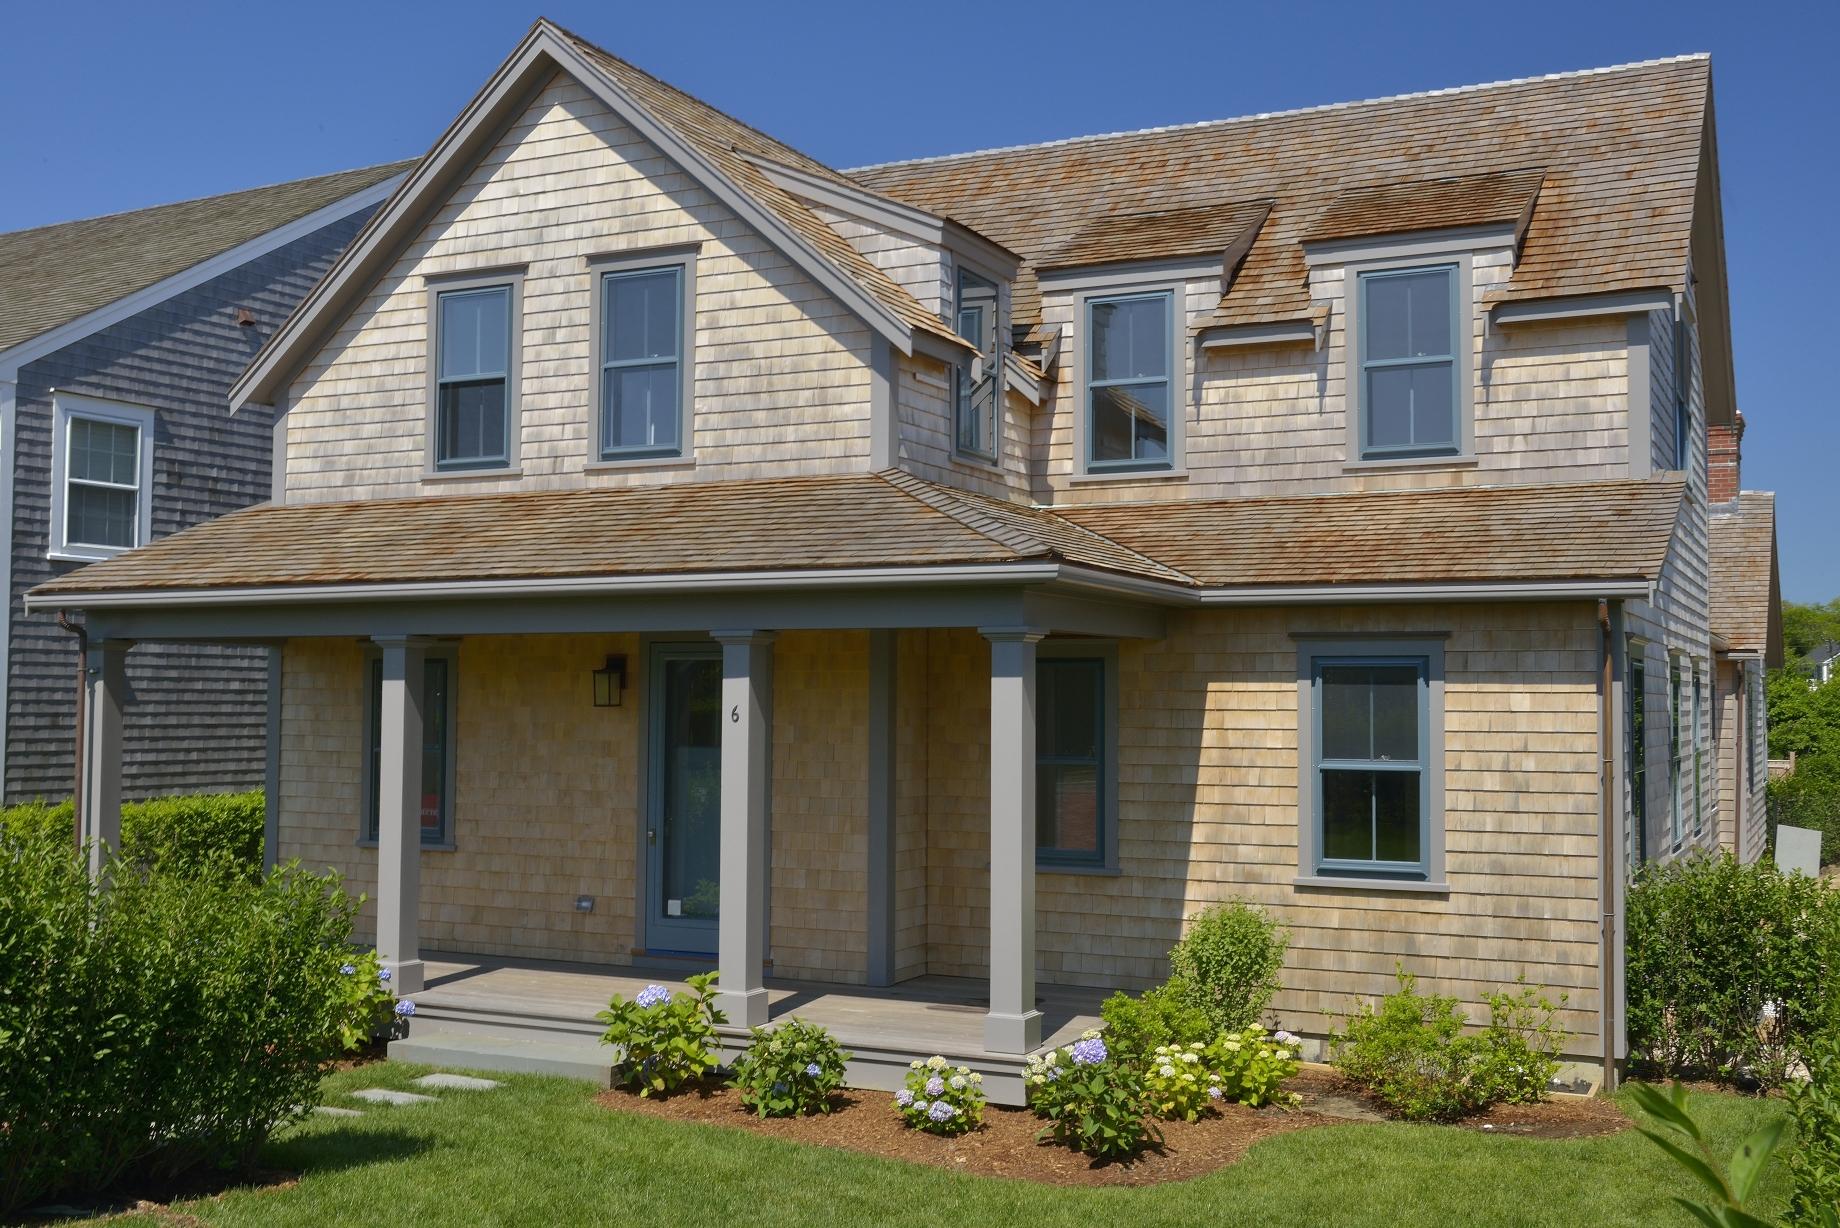 Частный односемейный дом для того Продажа на Stunning New Construction 6 Winn Street Nantucket, Массачусетс 02554 Соединенные Штаты